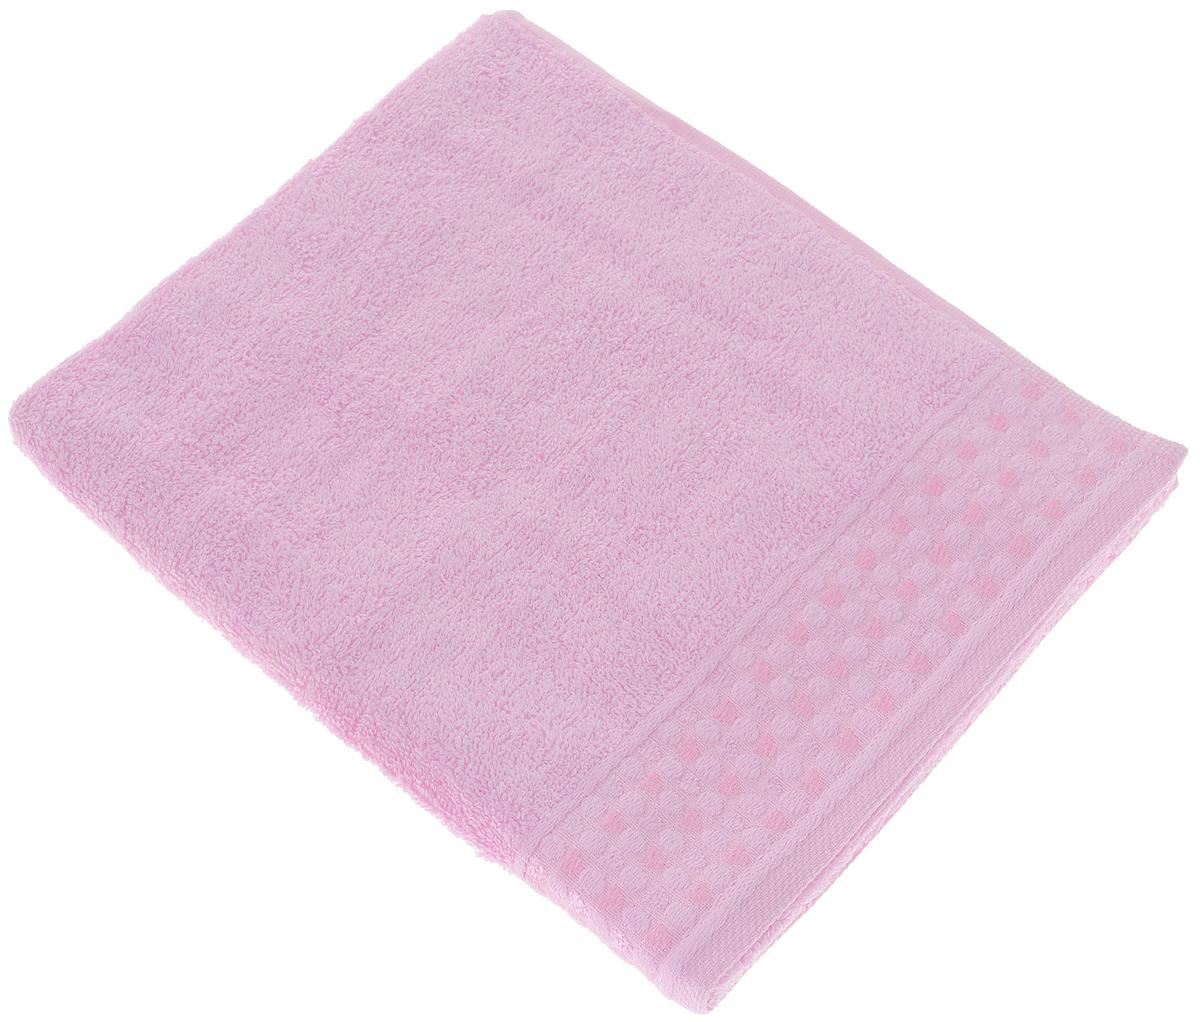 Полотенце Tete-a-Tete Сердечки, цвет: розовый, 50 х 90 смУП-007-04Полотенце Tete-a-Tete Сердечки выполнено из натурального 100% хлопка. Бордюр полотенца декорирован сердечками и горошком. Изделие мягкое, отлично впитывает влагу, быстро сохнет, сохраняет яркость цвета и не теряет форму даже после многократных стирок. Полотенце Tete-a-Tete Сердечки очень практично и неприхотливо в уходе. Оно легко впишется в любой интерьер благодаря своей нежной цветовой гамме.